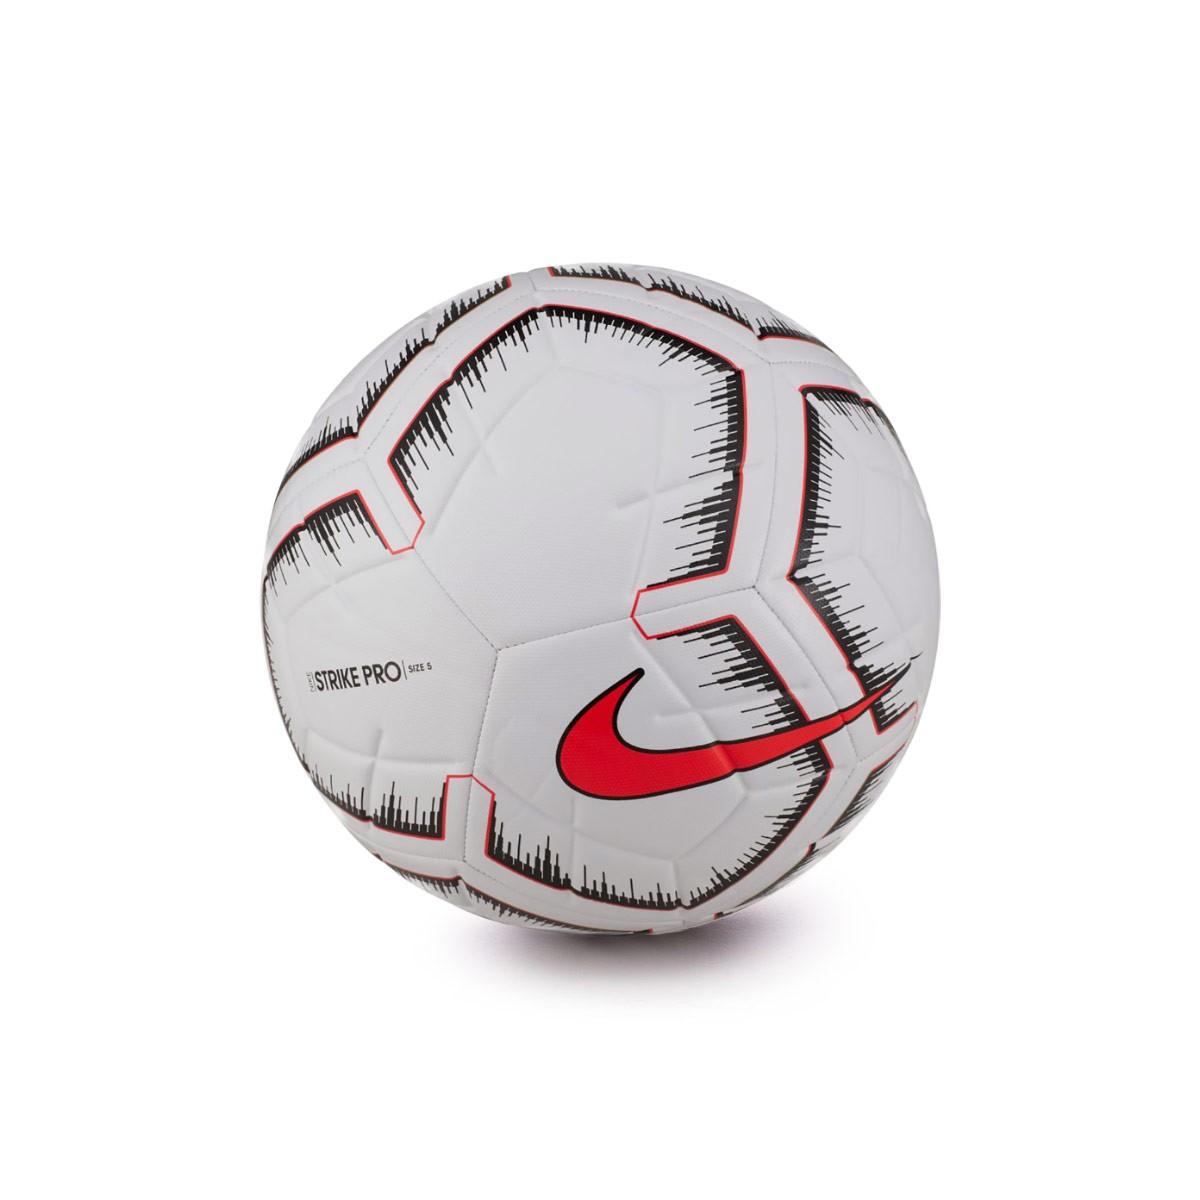 ef1b164dd728a Balón Nike Strike Pro Fifa 2018-2019 White-Bright crimson - Tienda de  fútbol Fútbol Emotion